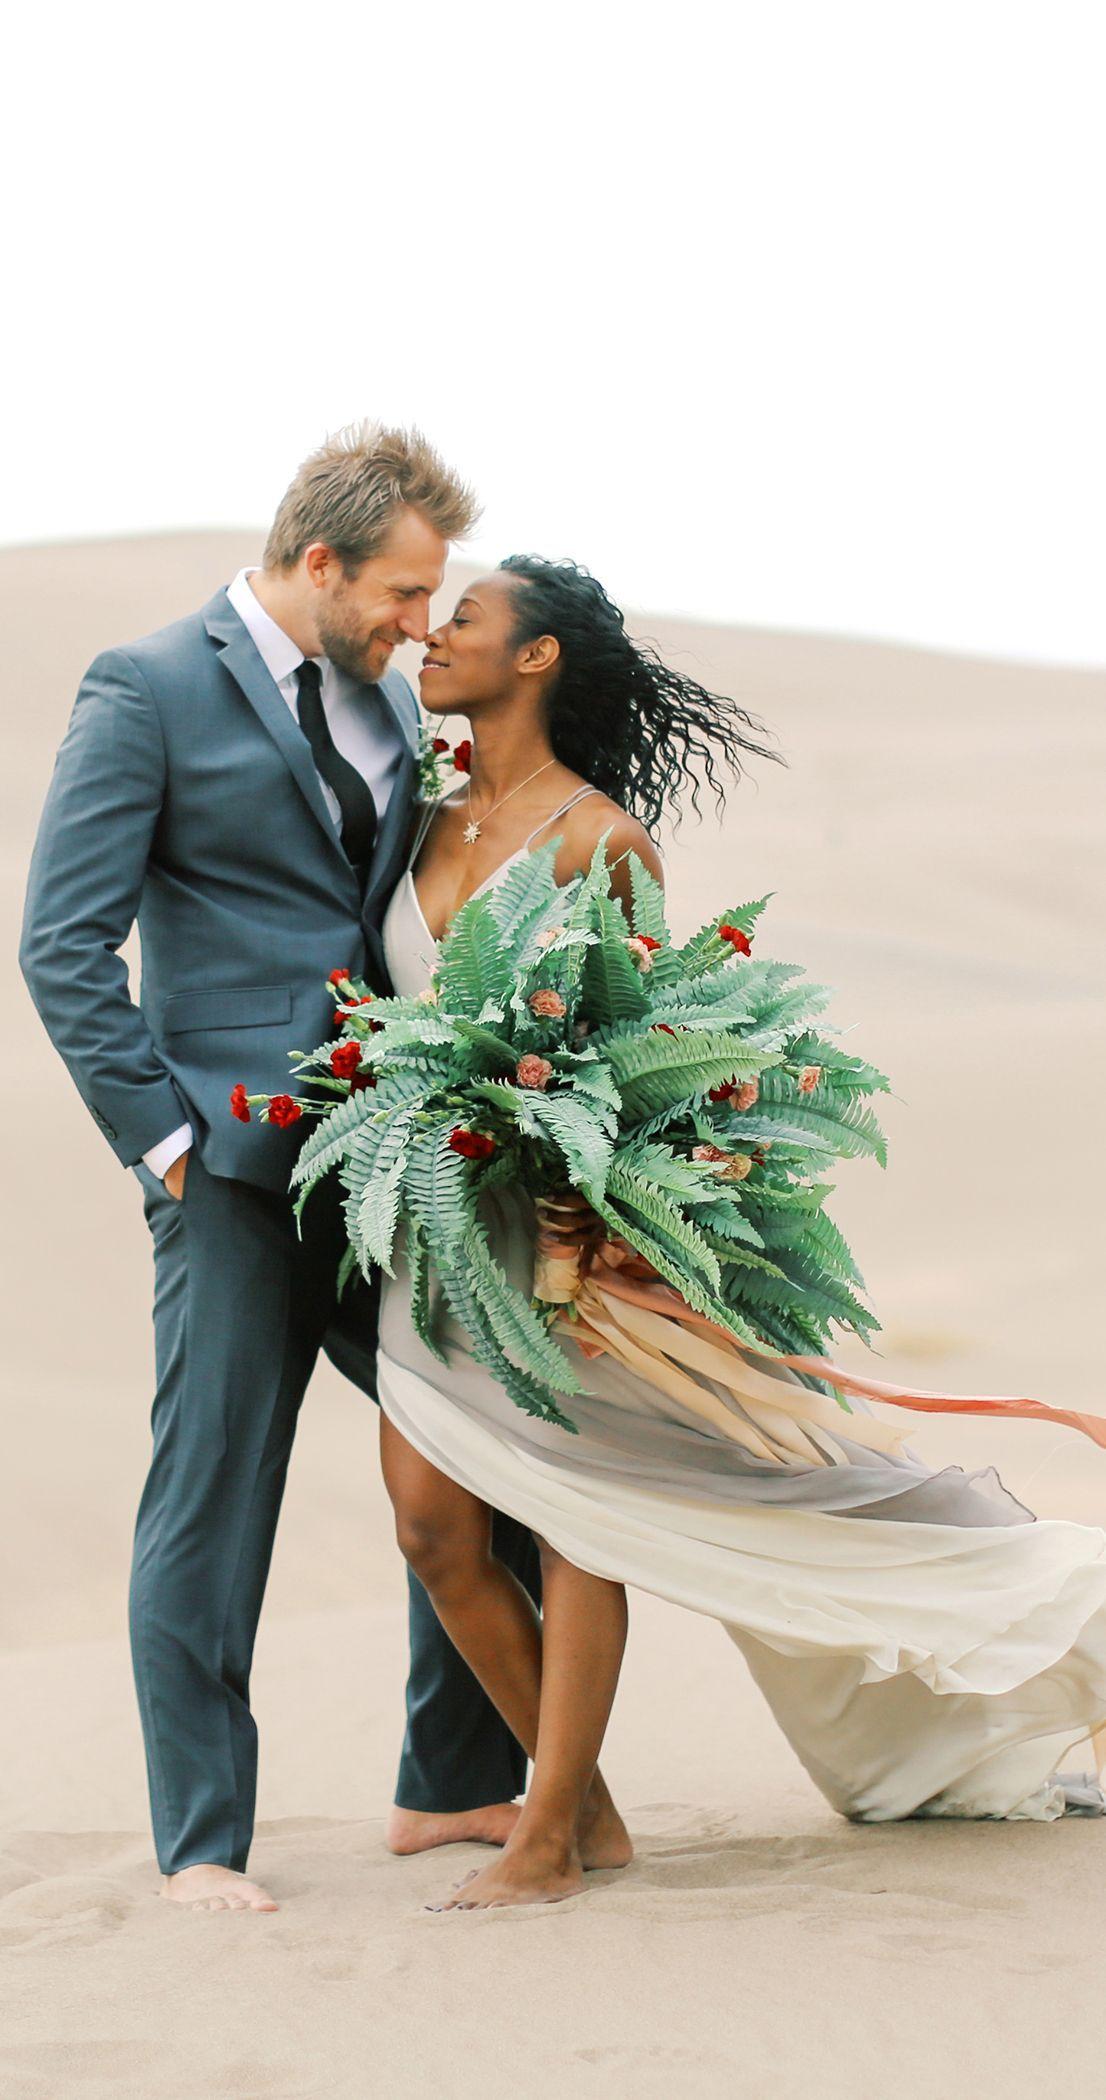 colorado great sand dunes wedding photo ideas Colorado